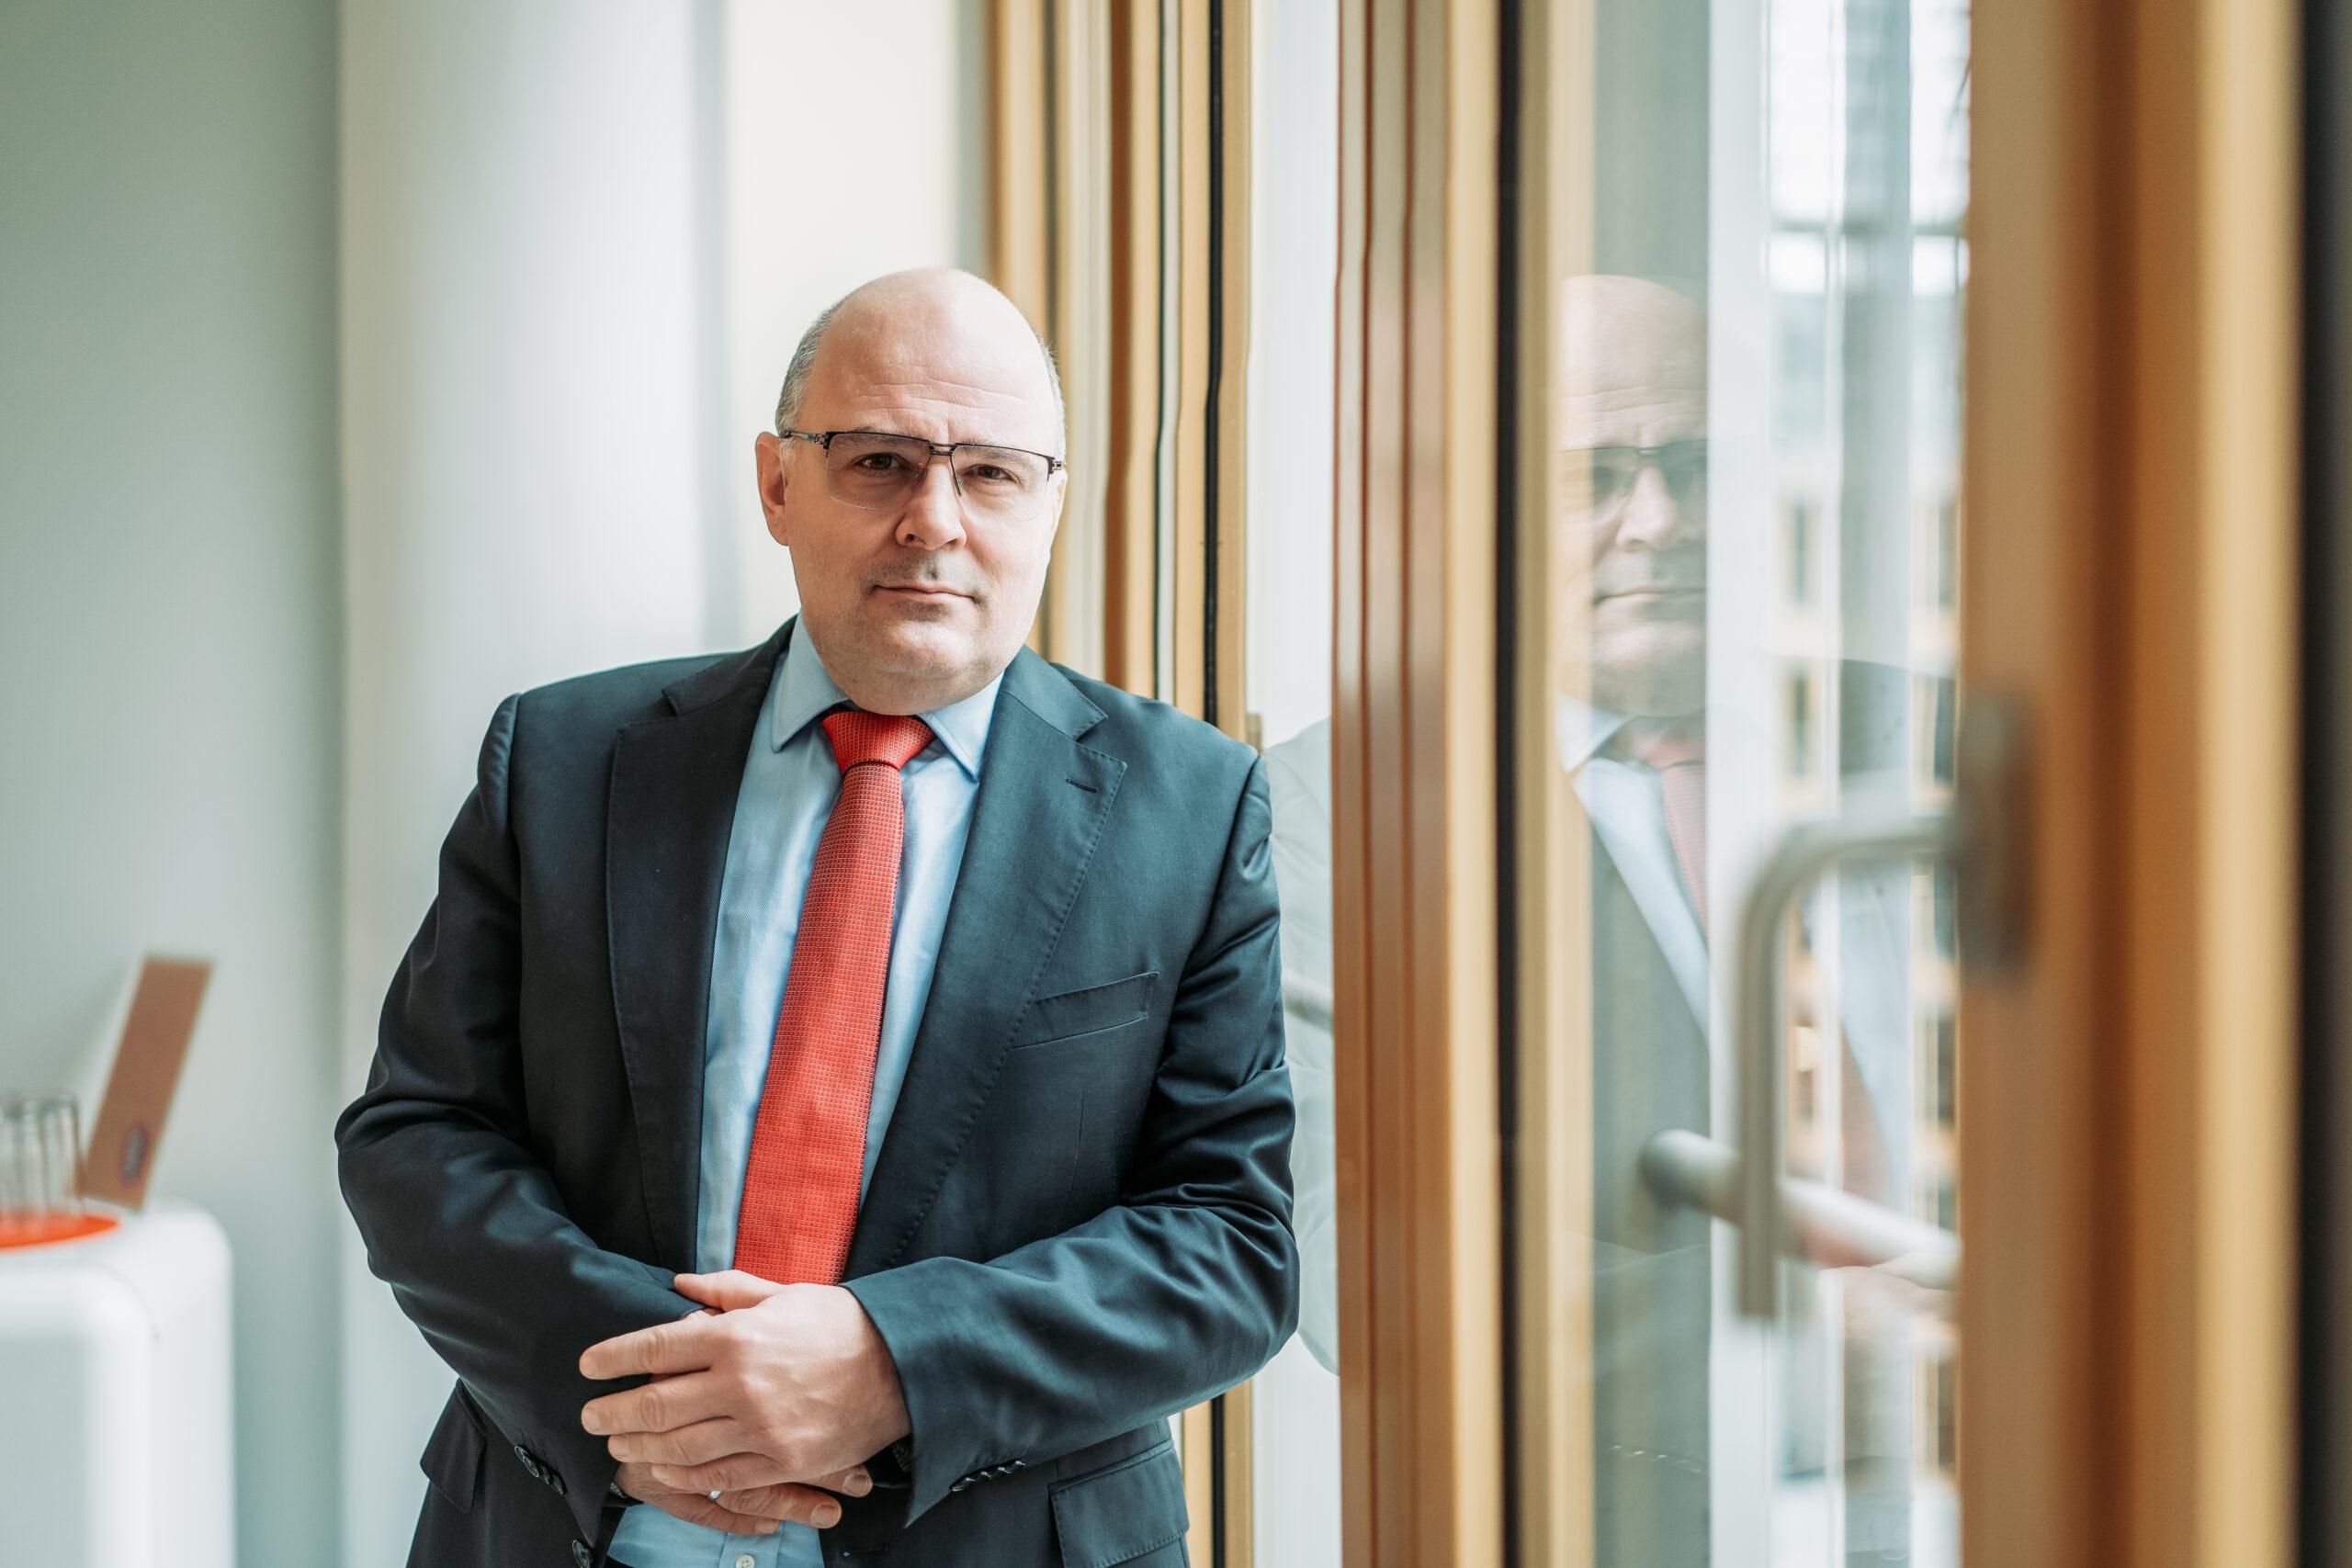 Steffen Kampeter: Kraftvoller Neustart nach Krise gelingt nur mit den Fachkräften von morgen